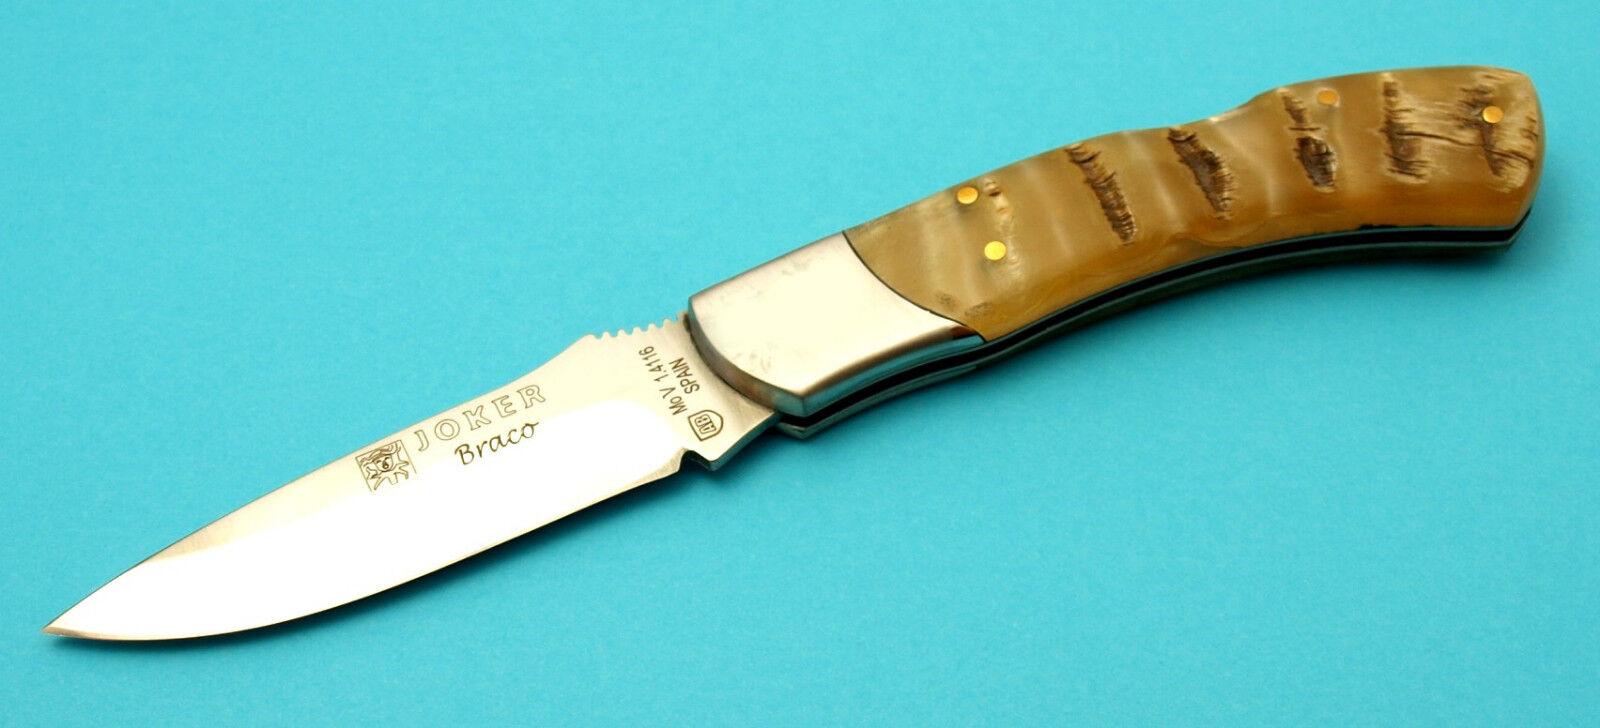 Couteau de poche de Joker Espagne avec Mufflon Poignée coquille coquille coquille décelables nk46 66d068